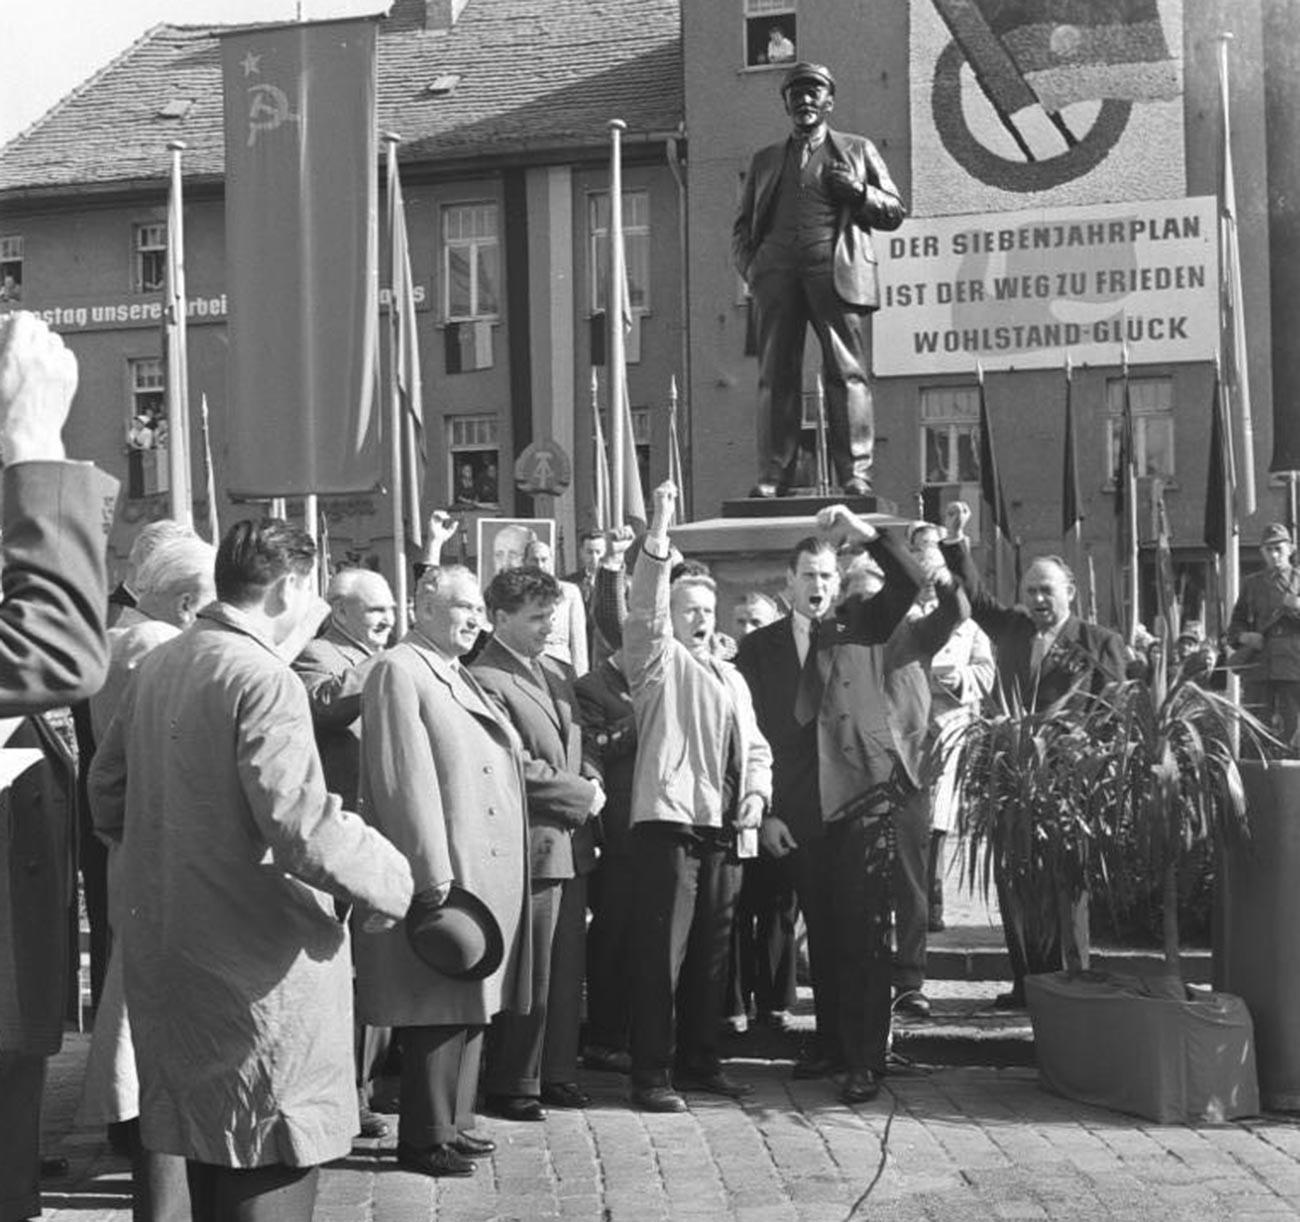 La delegazione sovietica a Eisleben, Repubblica Democratica Tedesca, 1959